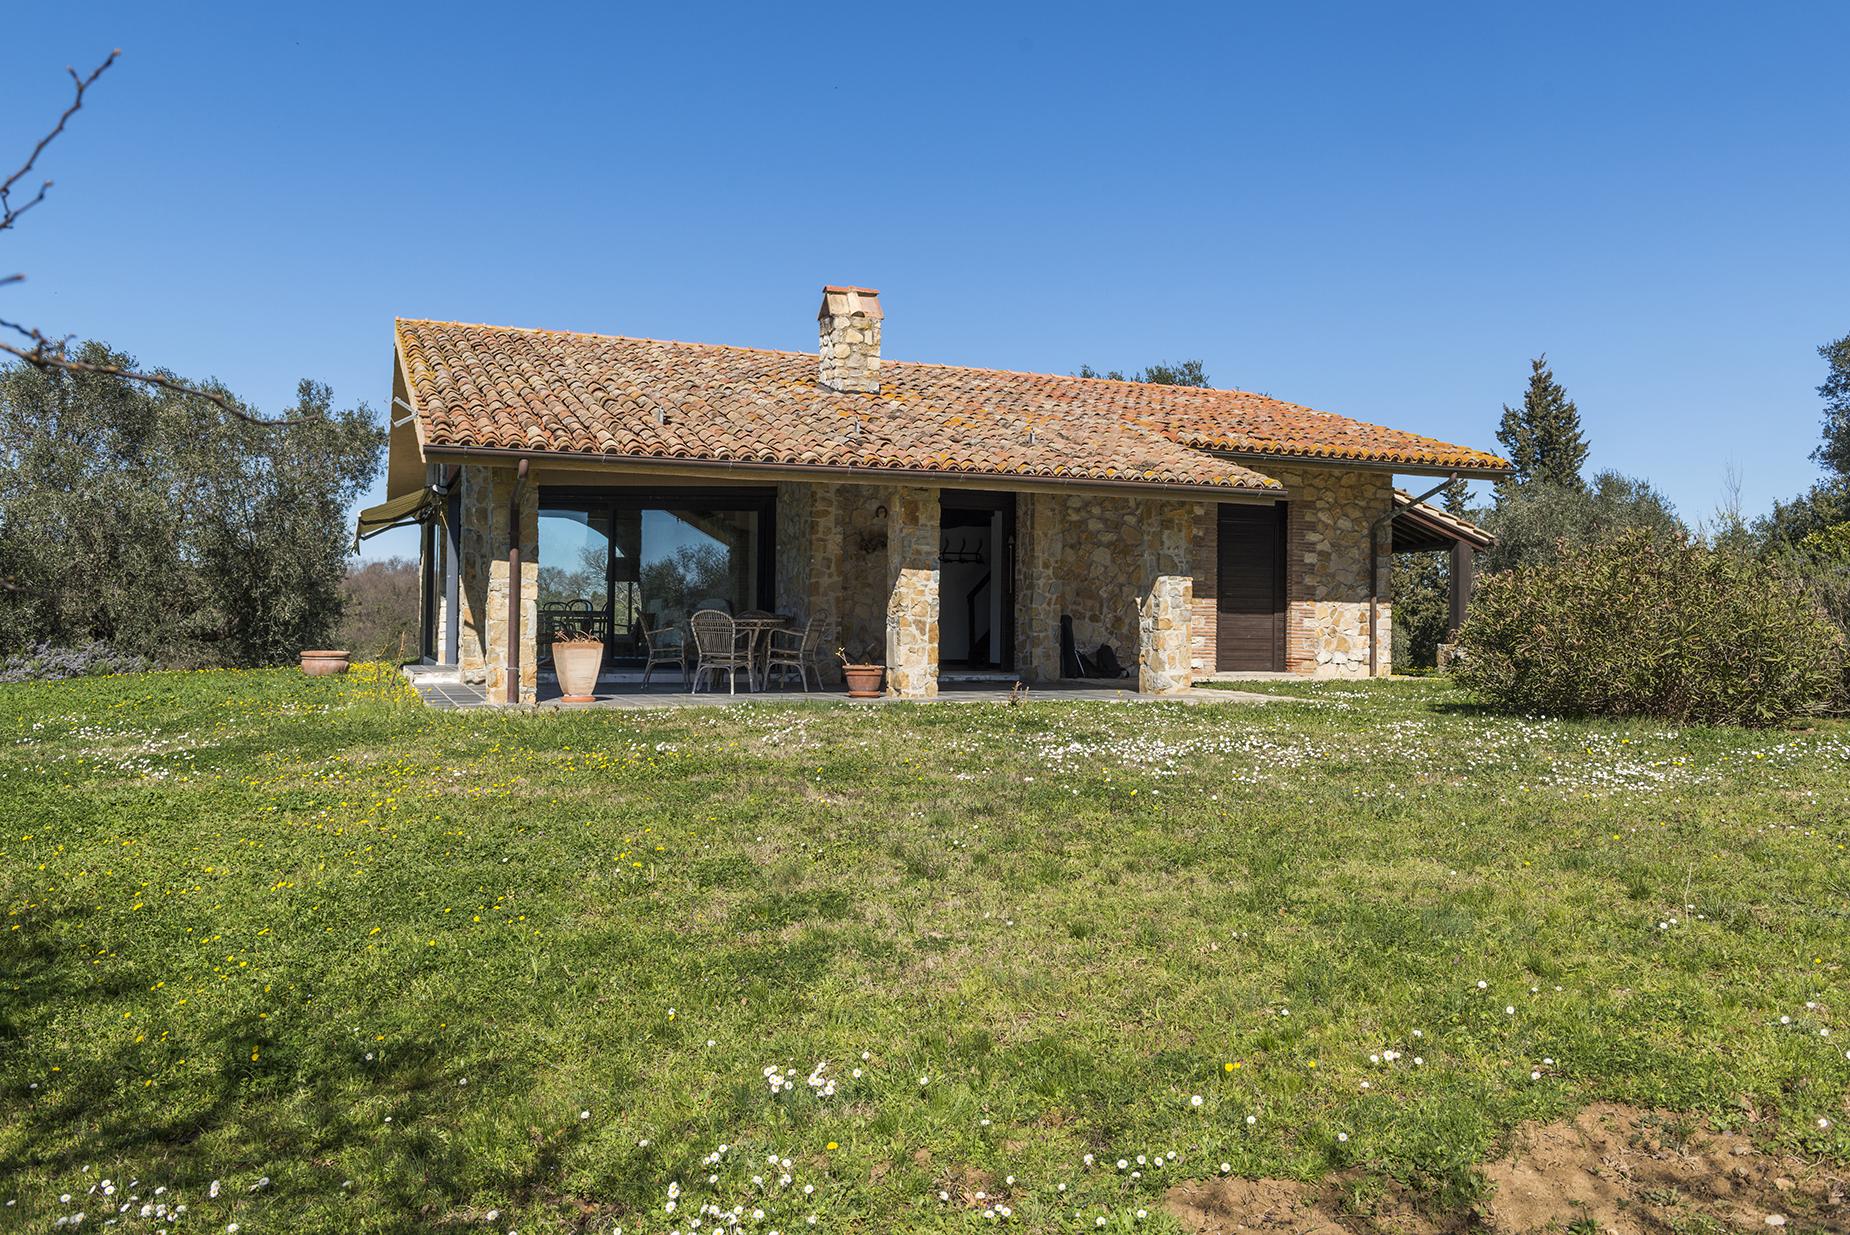 Villa in Vendita a Magliano In Toscana: 5 locali, 141 mq - Foto 9